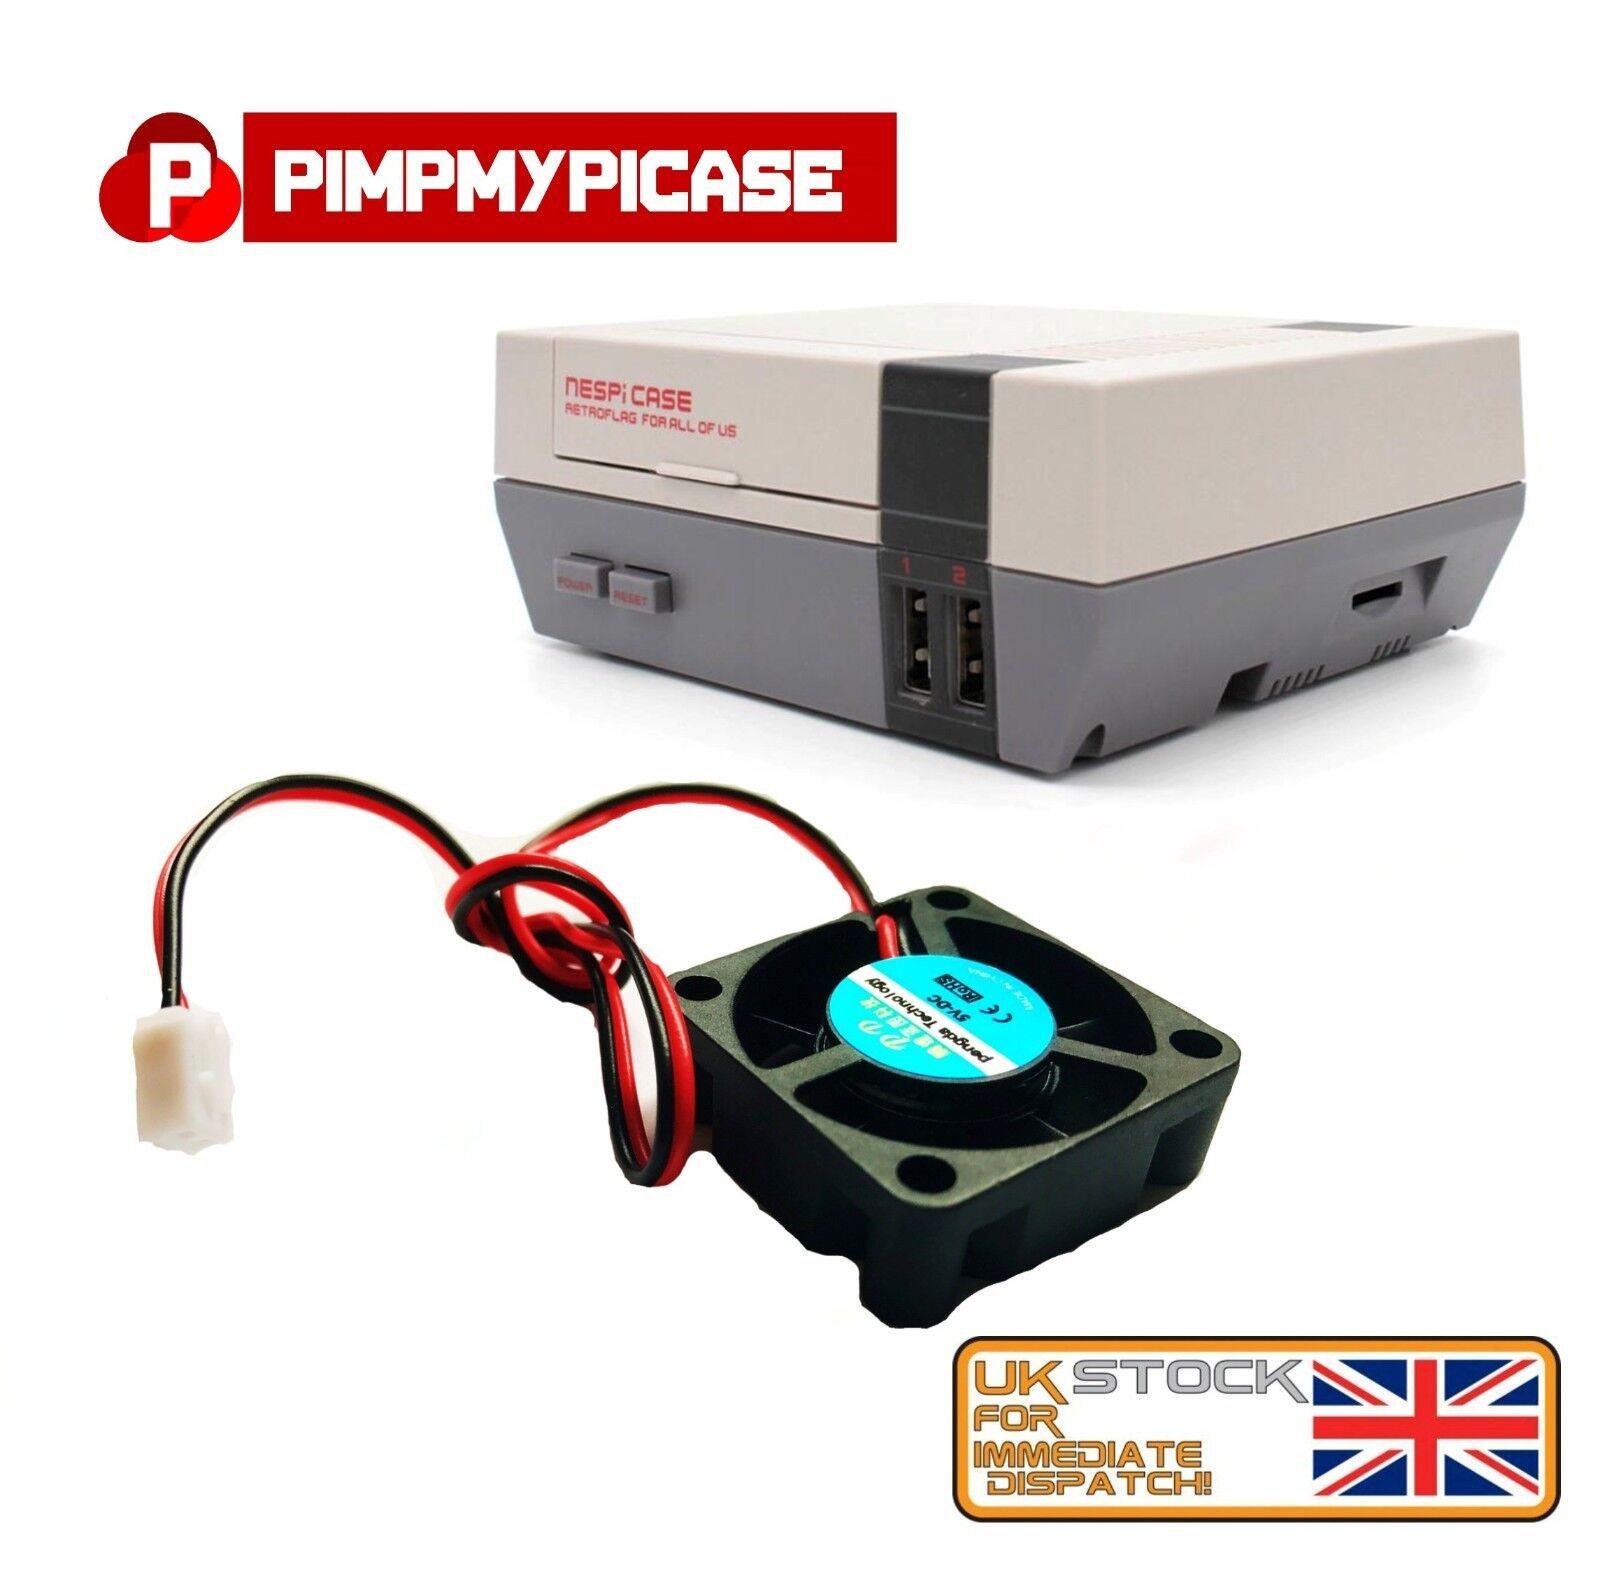 5v Cooling Fan For Retroflag Nespi Case Raspberry Pi Simple Install